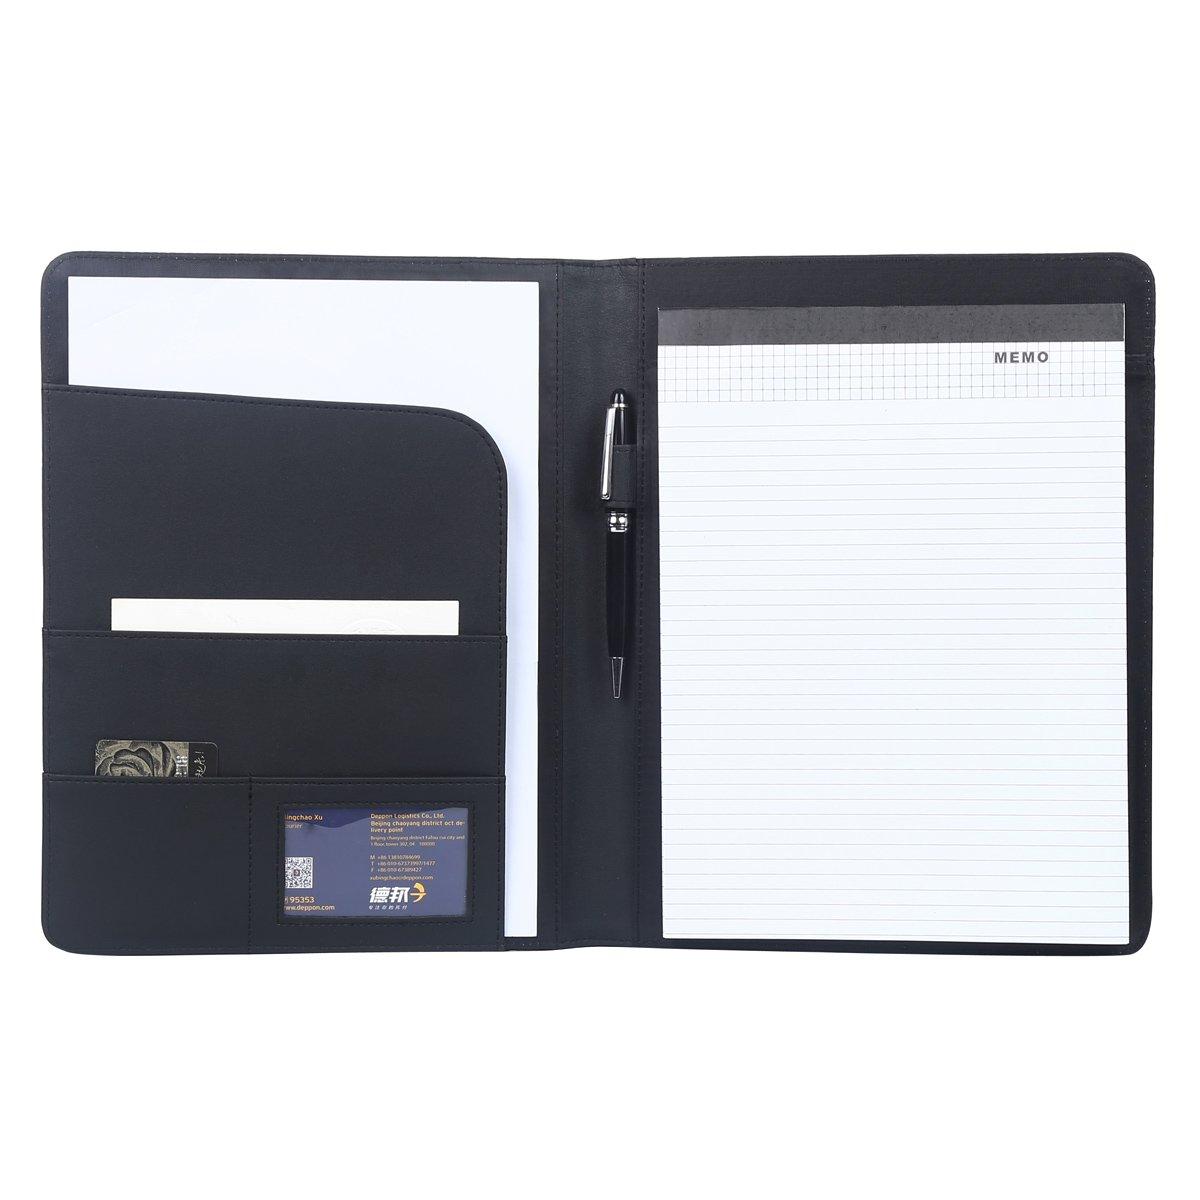 Leathario Marcas de Portafolio de Carpeta Plegable de Mano de PU para Hombres, Diseñado para Negocio y para Tomar Notas (Negro-A4): Amazon.es: Oficina y ...